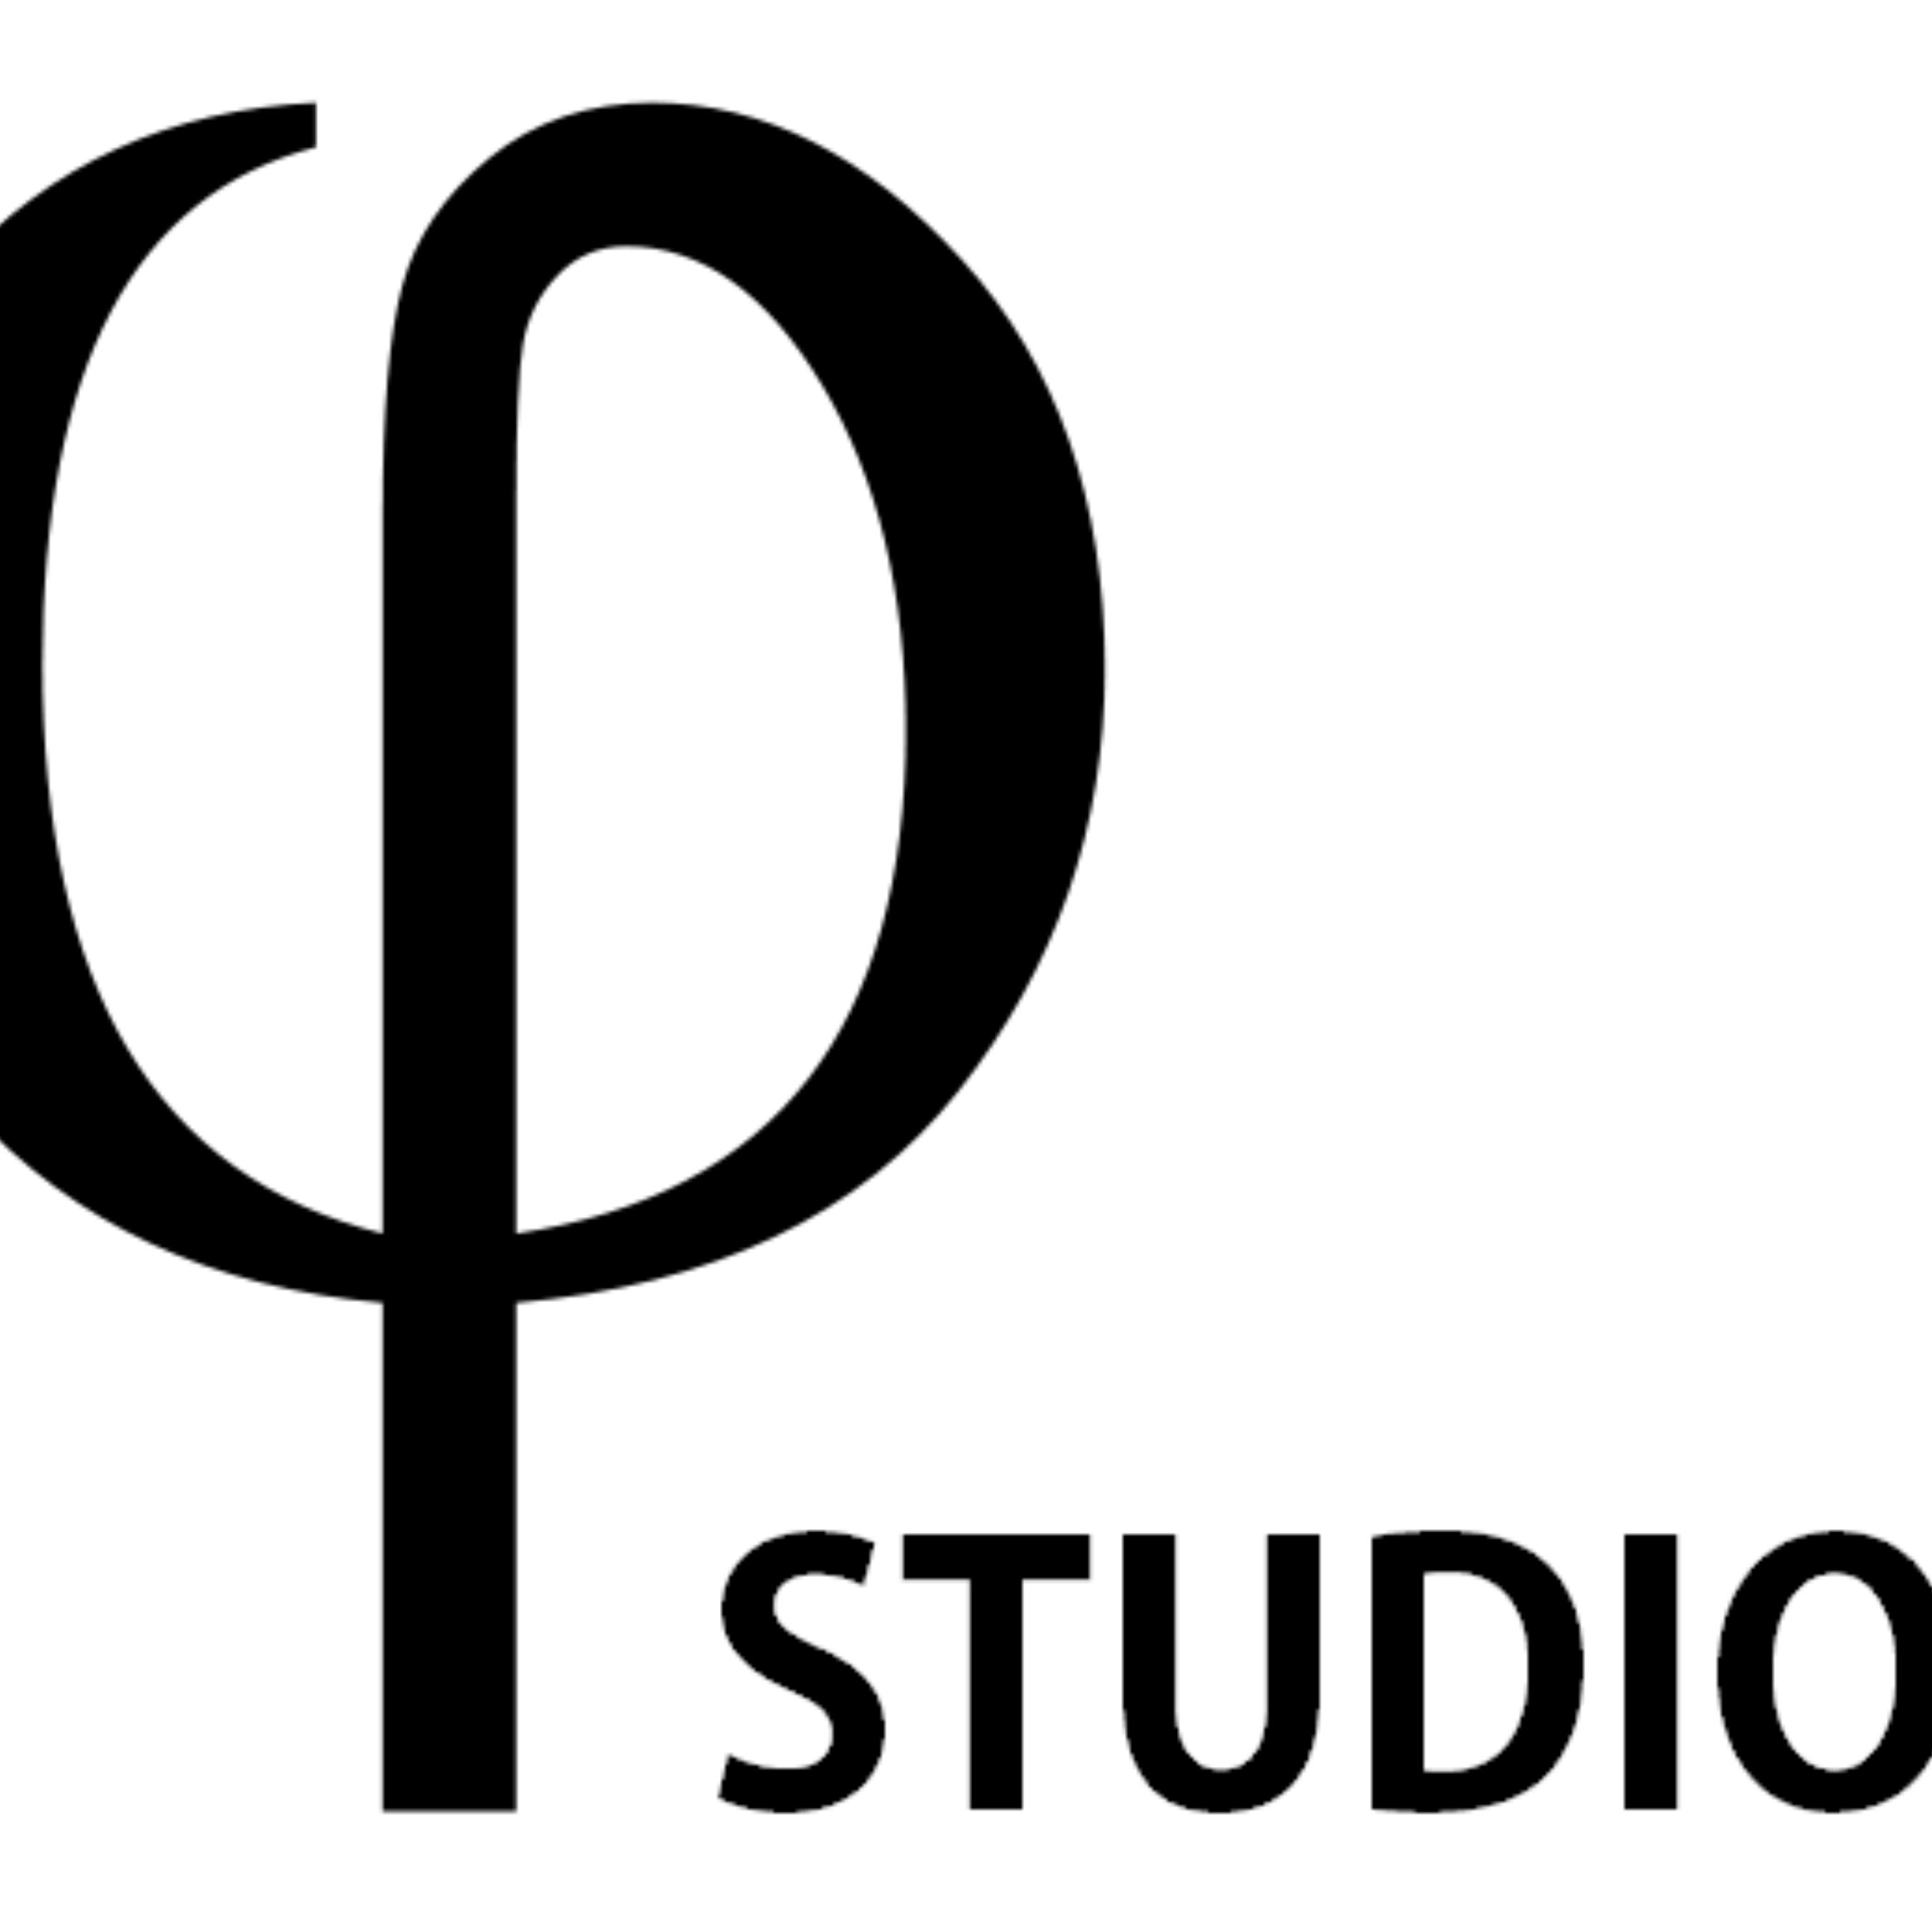 φ studio